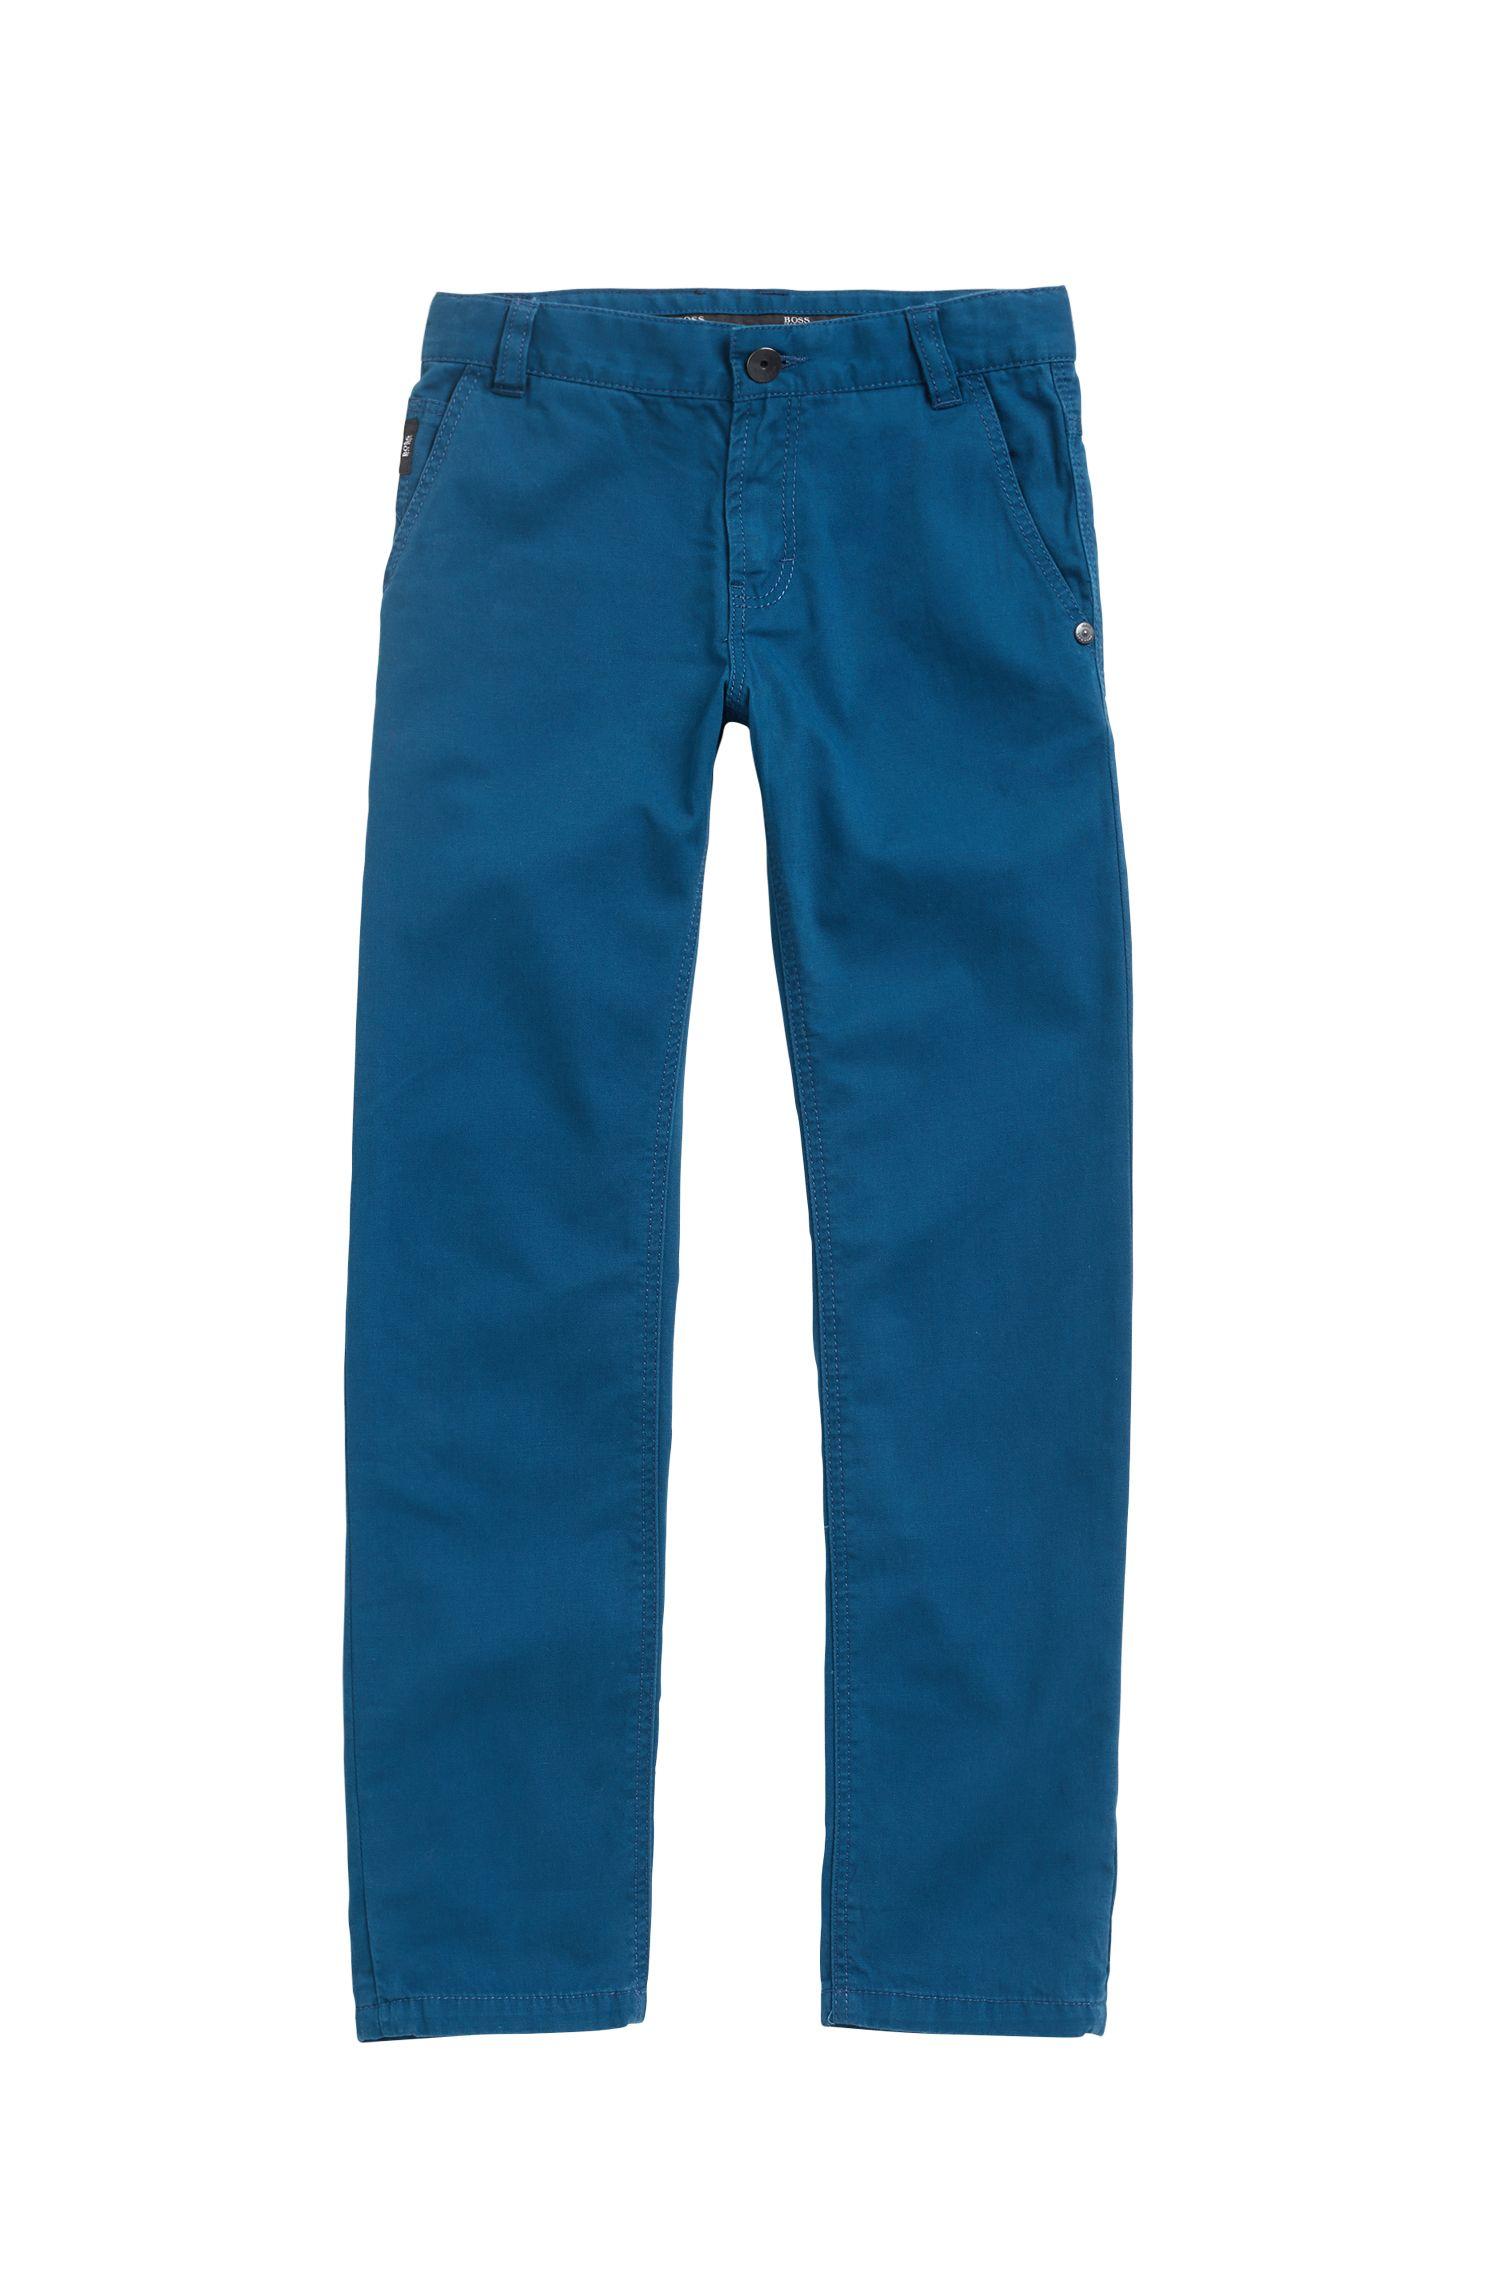 Pantalones para niños en sarga de algodón con etiqueta de piel, Azul